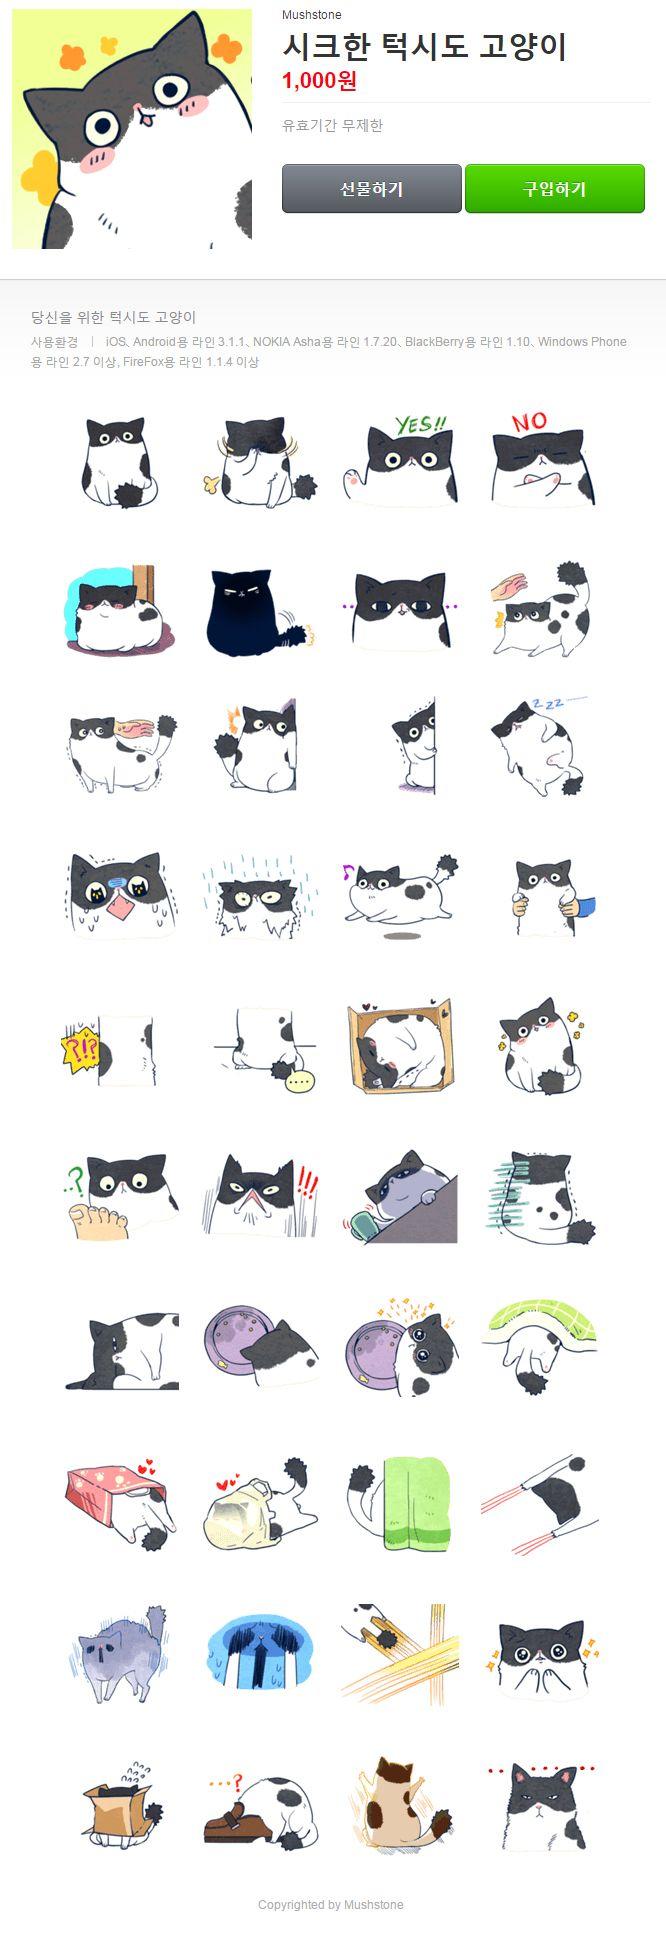 Cool Tuxedo Cat by Mushstone.deviantart.com on @DeviantArt